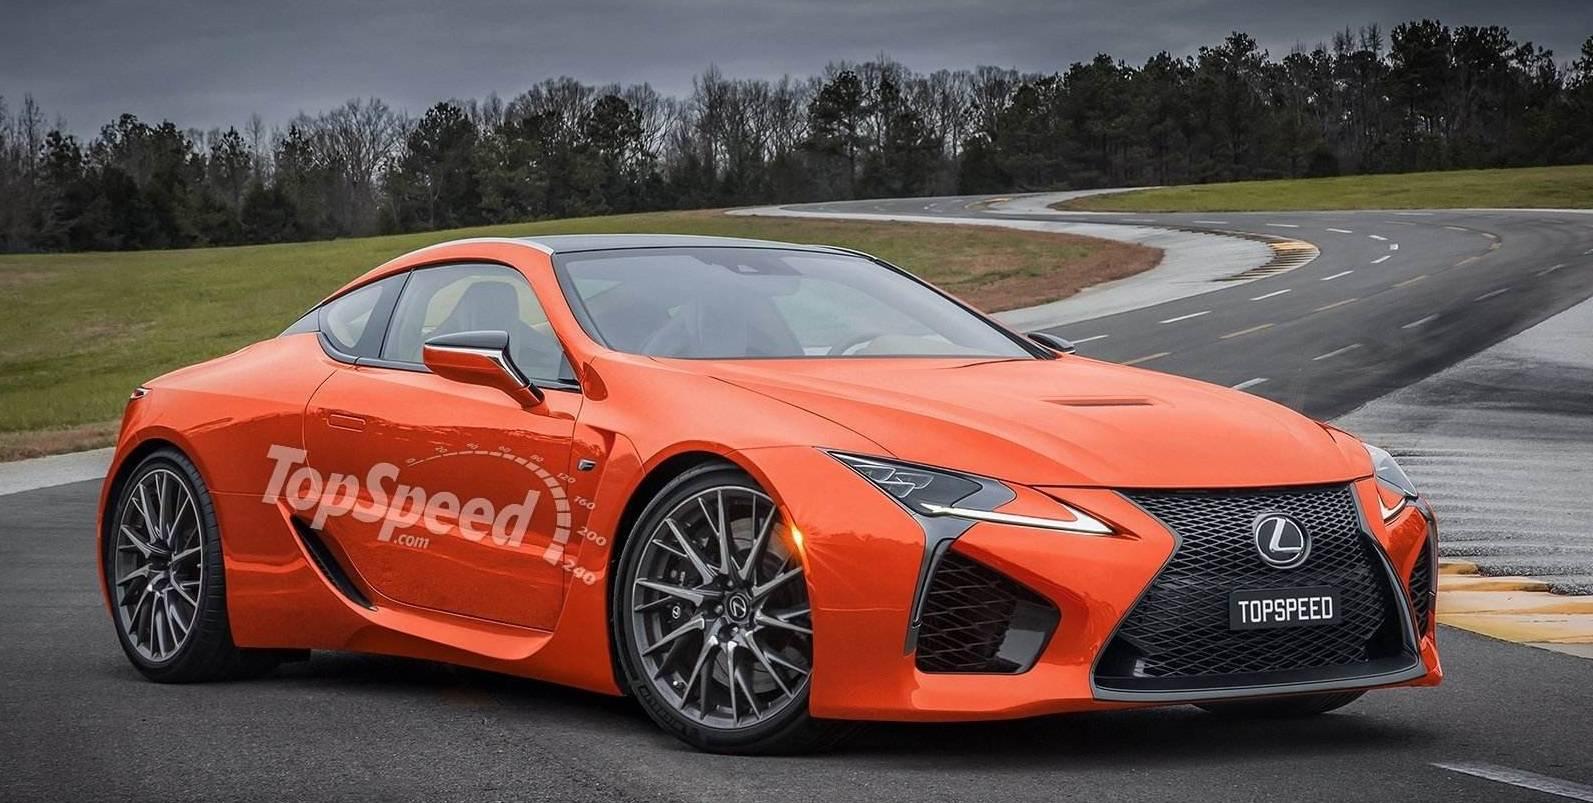 丰田停止研发V8发动机,雷克萨斯LC F要凉?